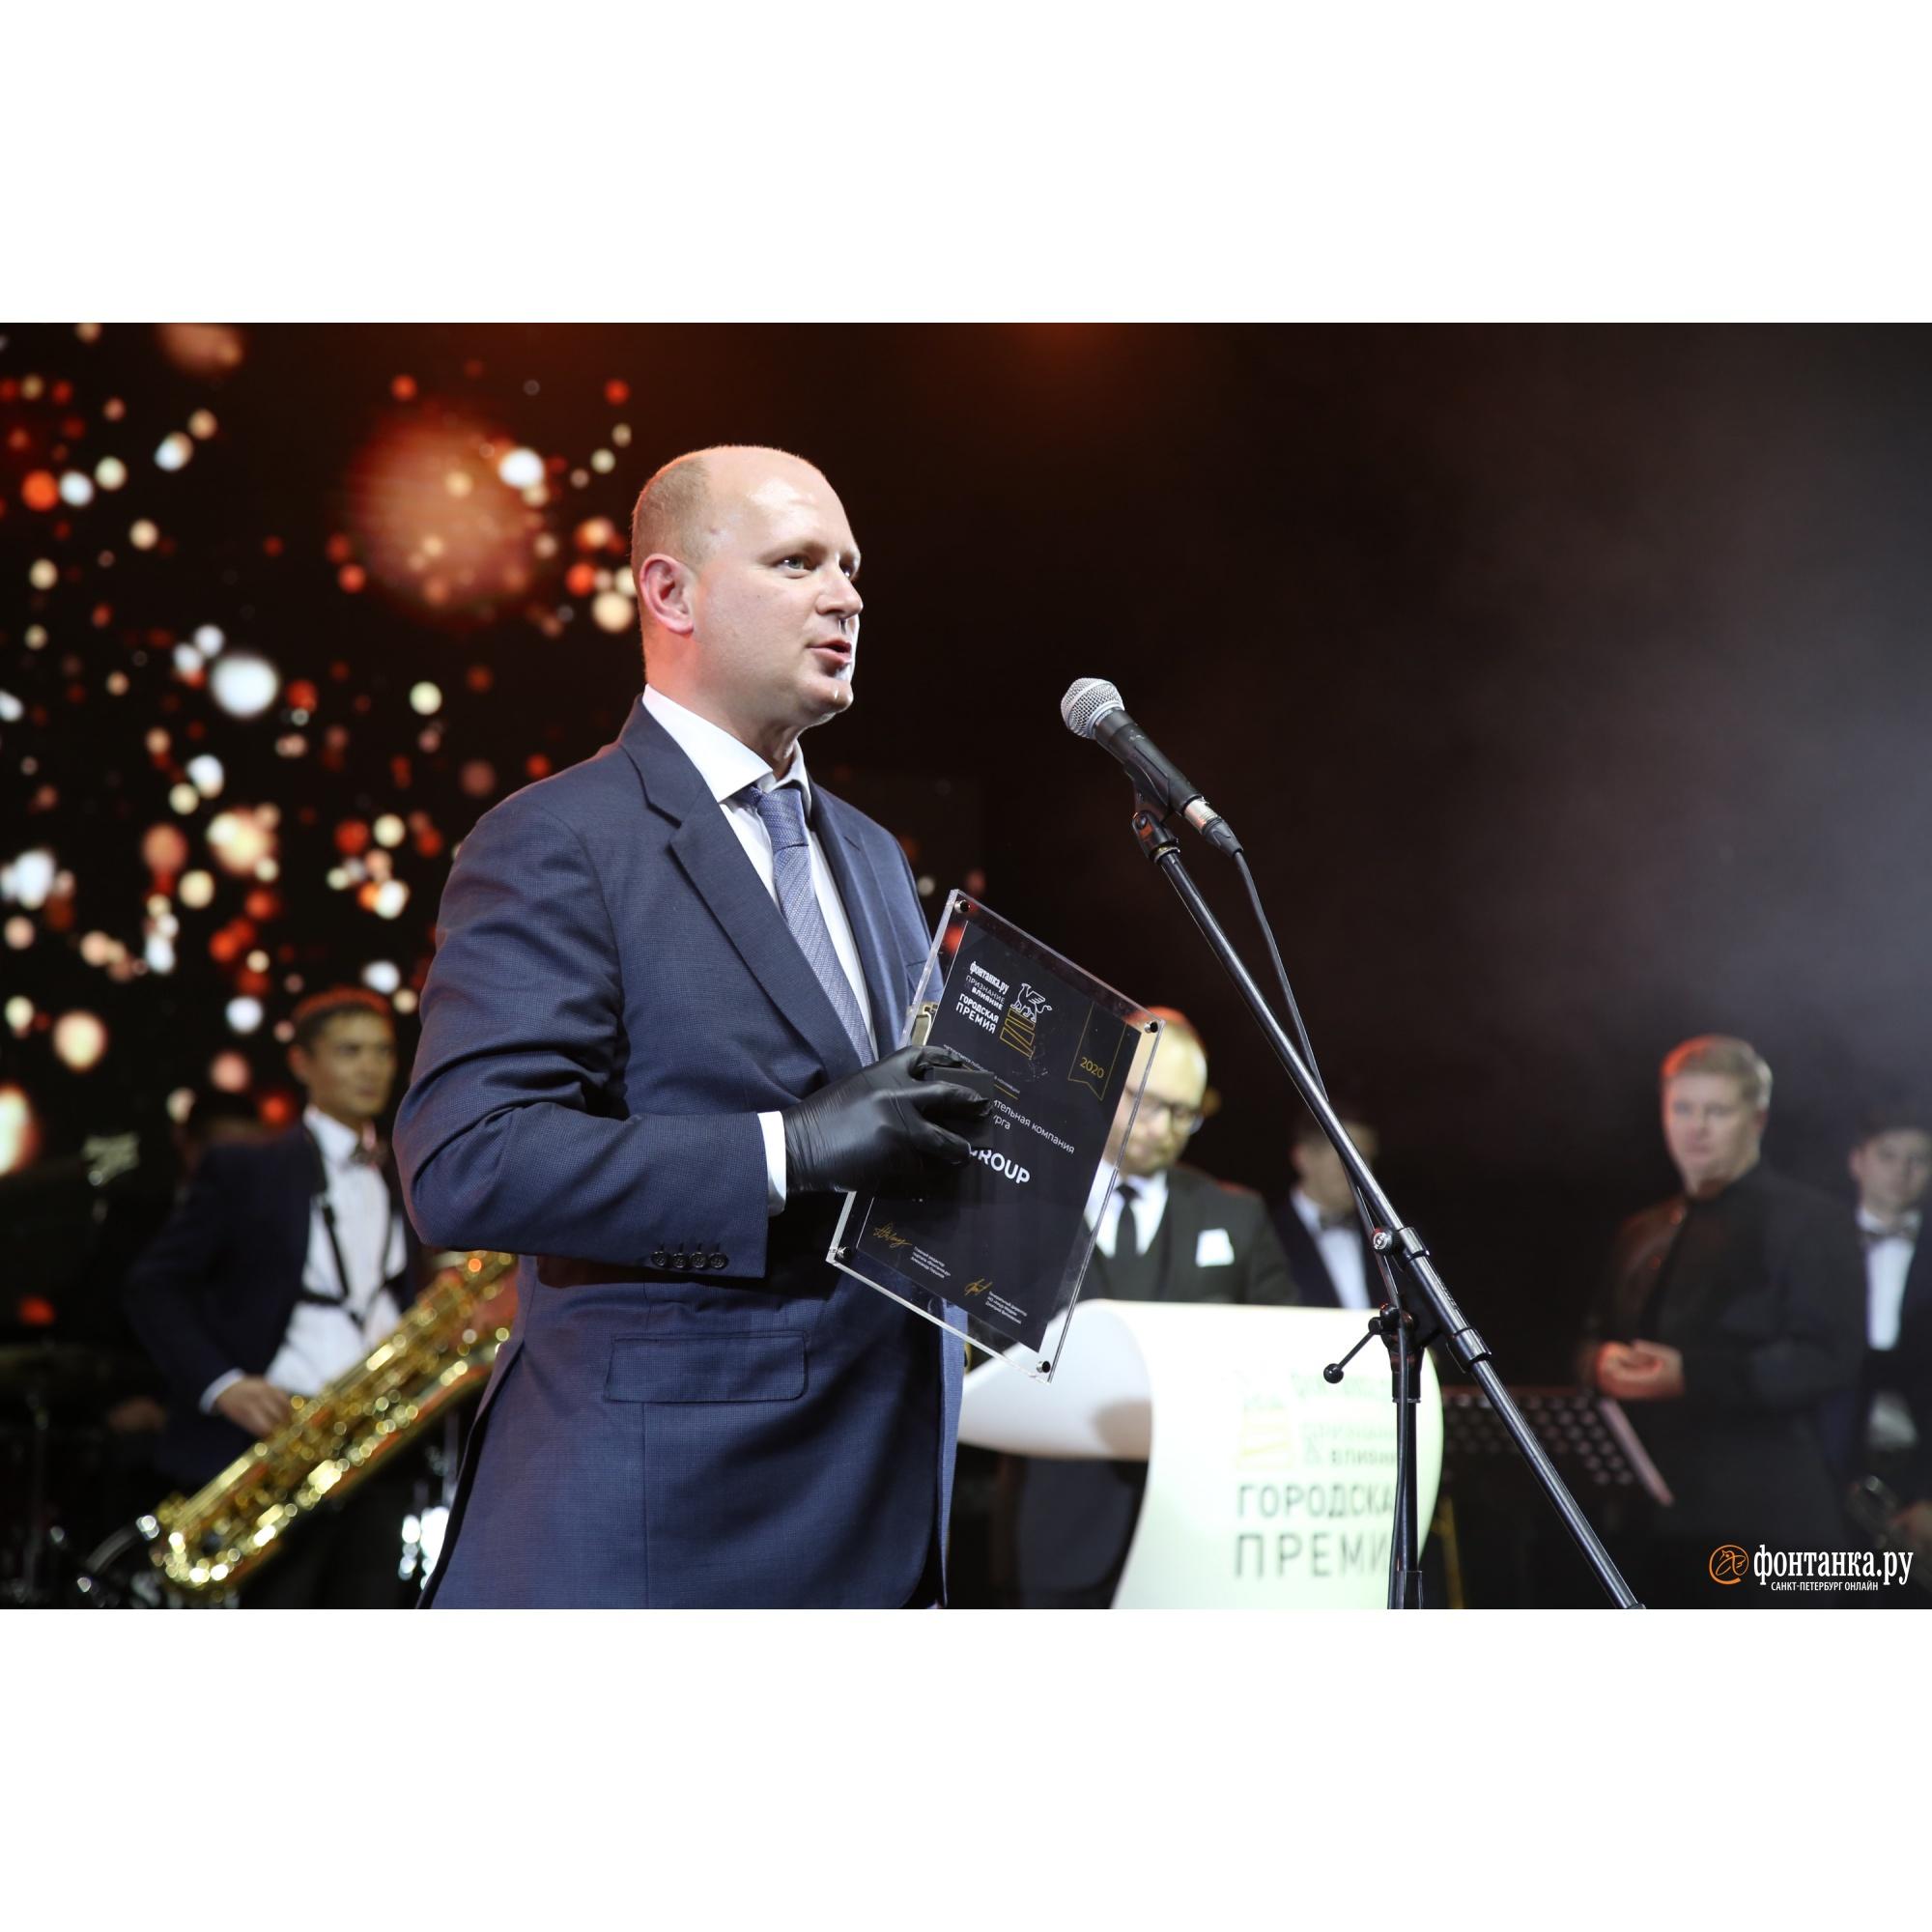 Илья Еременко, генеральный директор Setl City и совладелец Setl Group